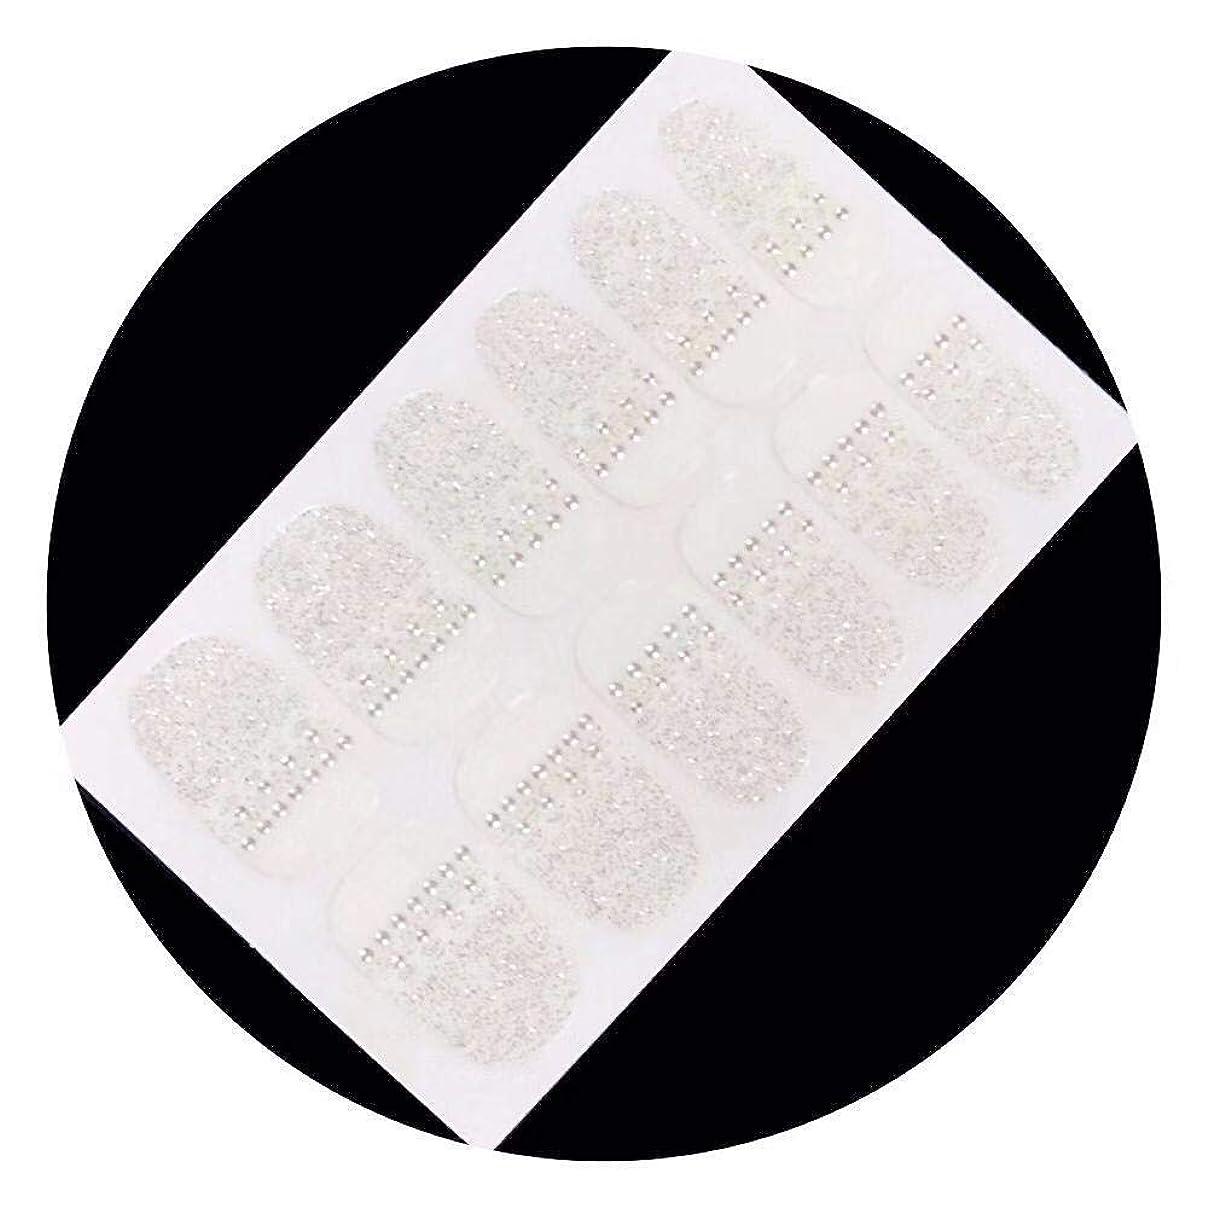 ブランデーマルクス主義者バッジネイルシール ネイルラップ ネイルアート 貼るだけ バリエーション豊富な貼るネイルシール 爪やすり付き 12ピース (黒ダイヤモンド327)